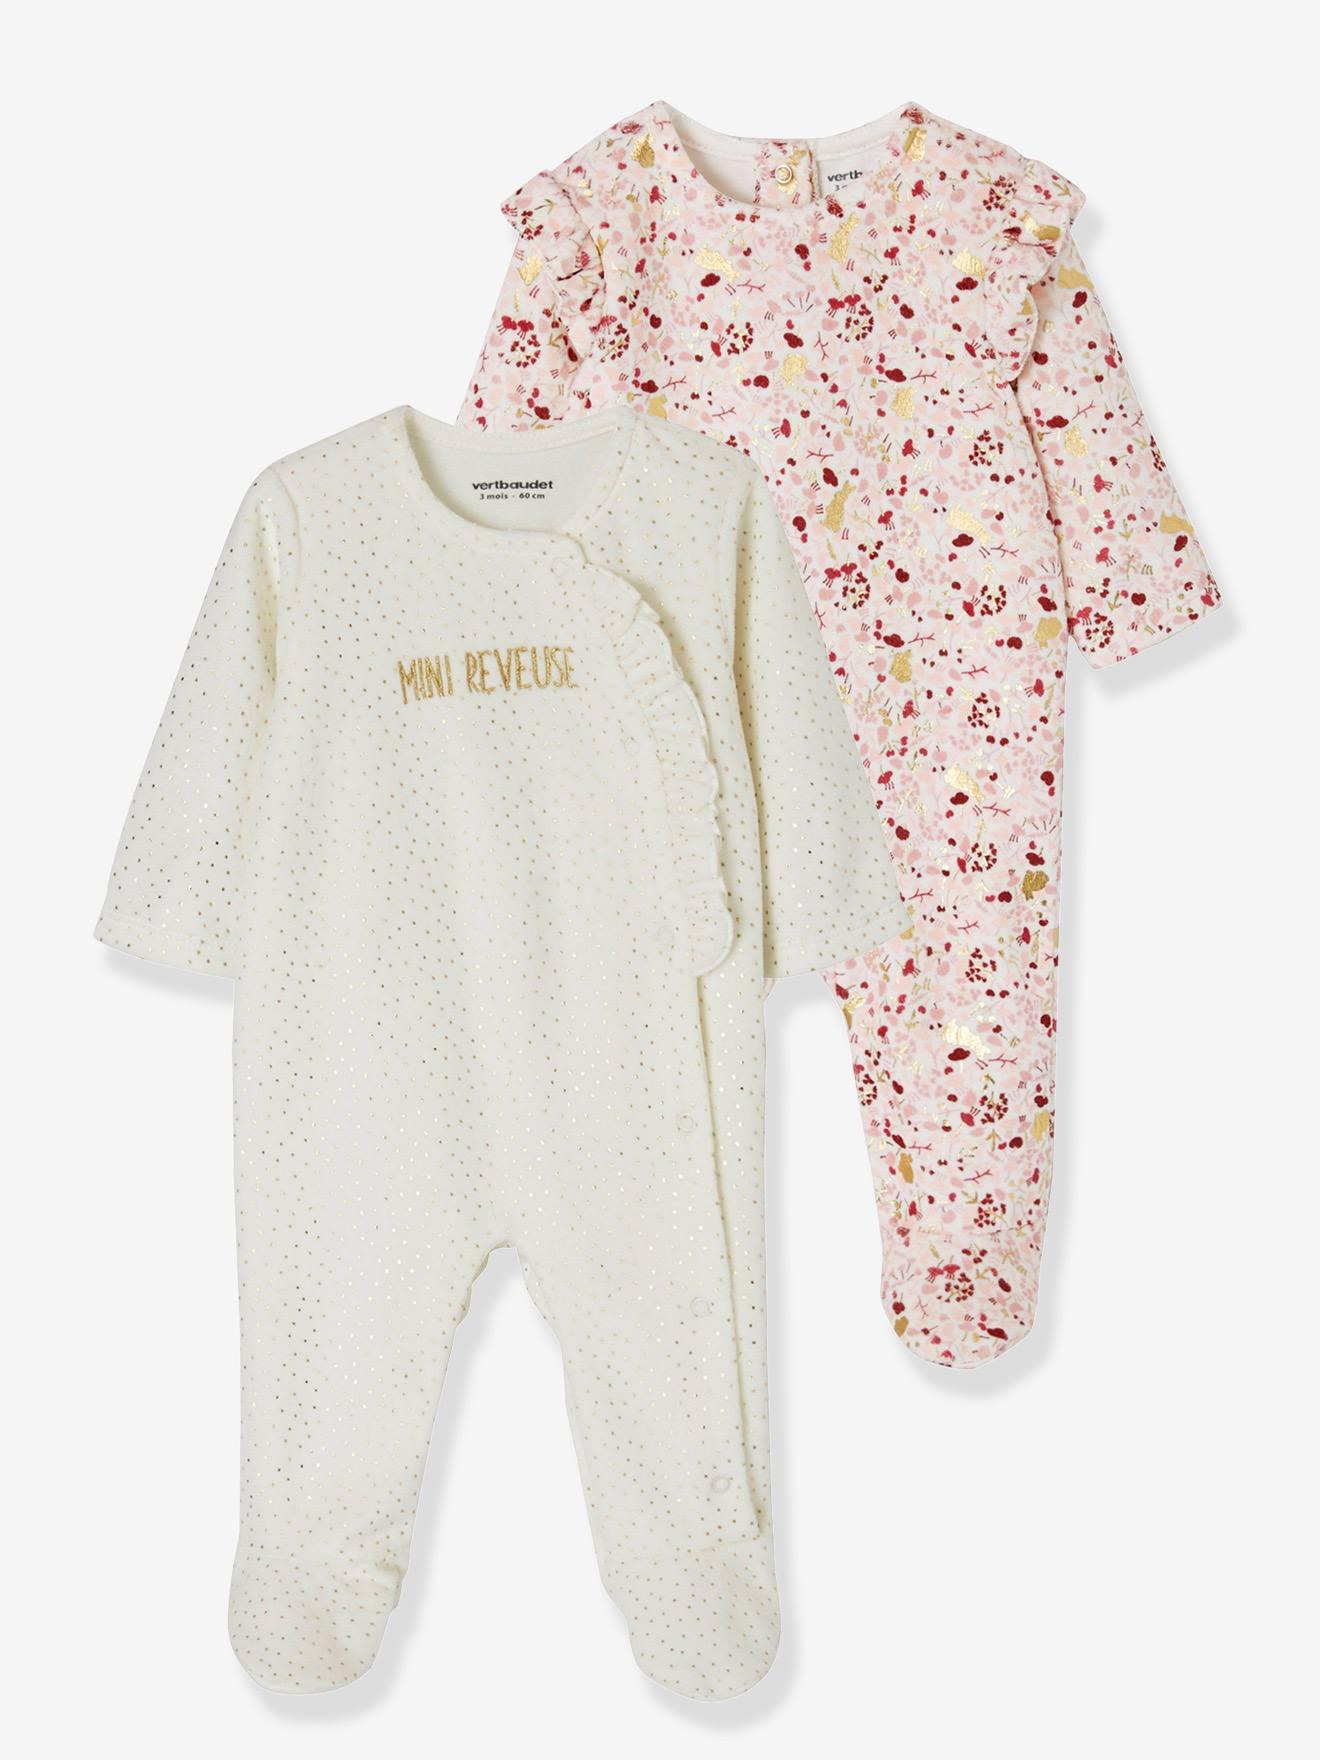 86CM VERTBAUDET Lot de 2 pyjamas b/éb/é en molleton Lot ivoire 24M